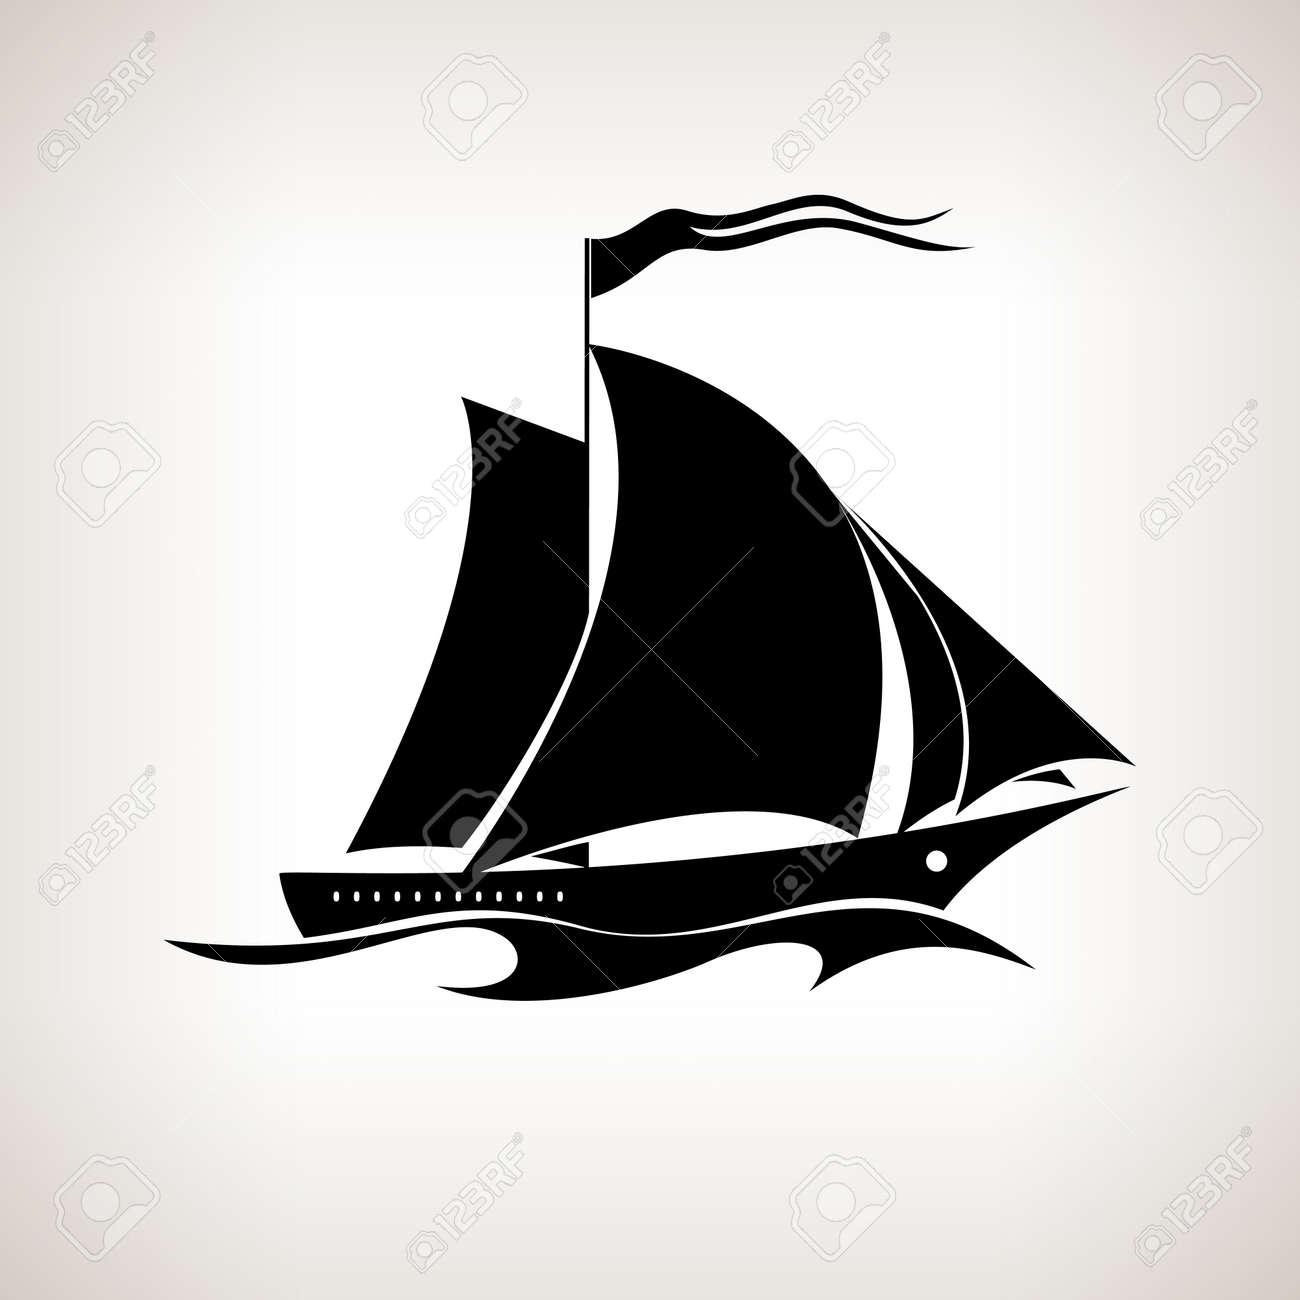 Segelboot zeichnung schwarz  Silhouette Segelschiff, Segelboot Mit Einer Fahne In Den Wellen ...